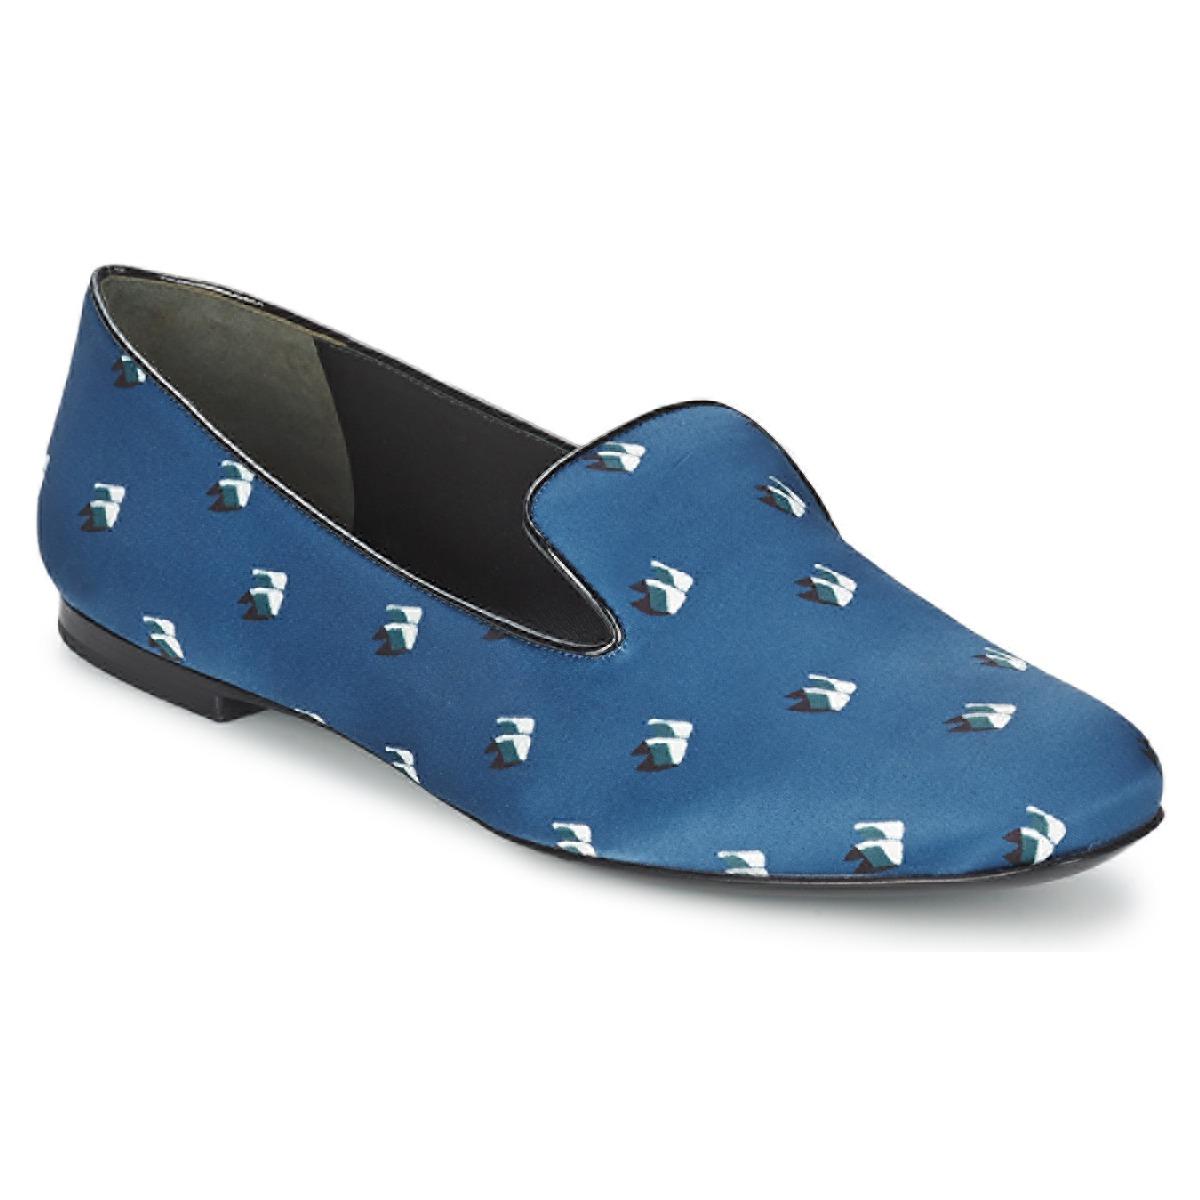 Kenzo 2SL110 Blau / Marine - Kostenloser Versand bei Spartoode ! - Schuhe Ballerinas Damen 191,40 €